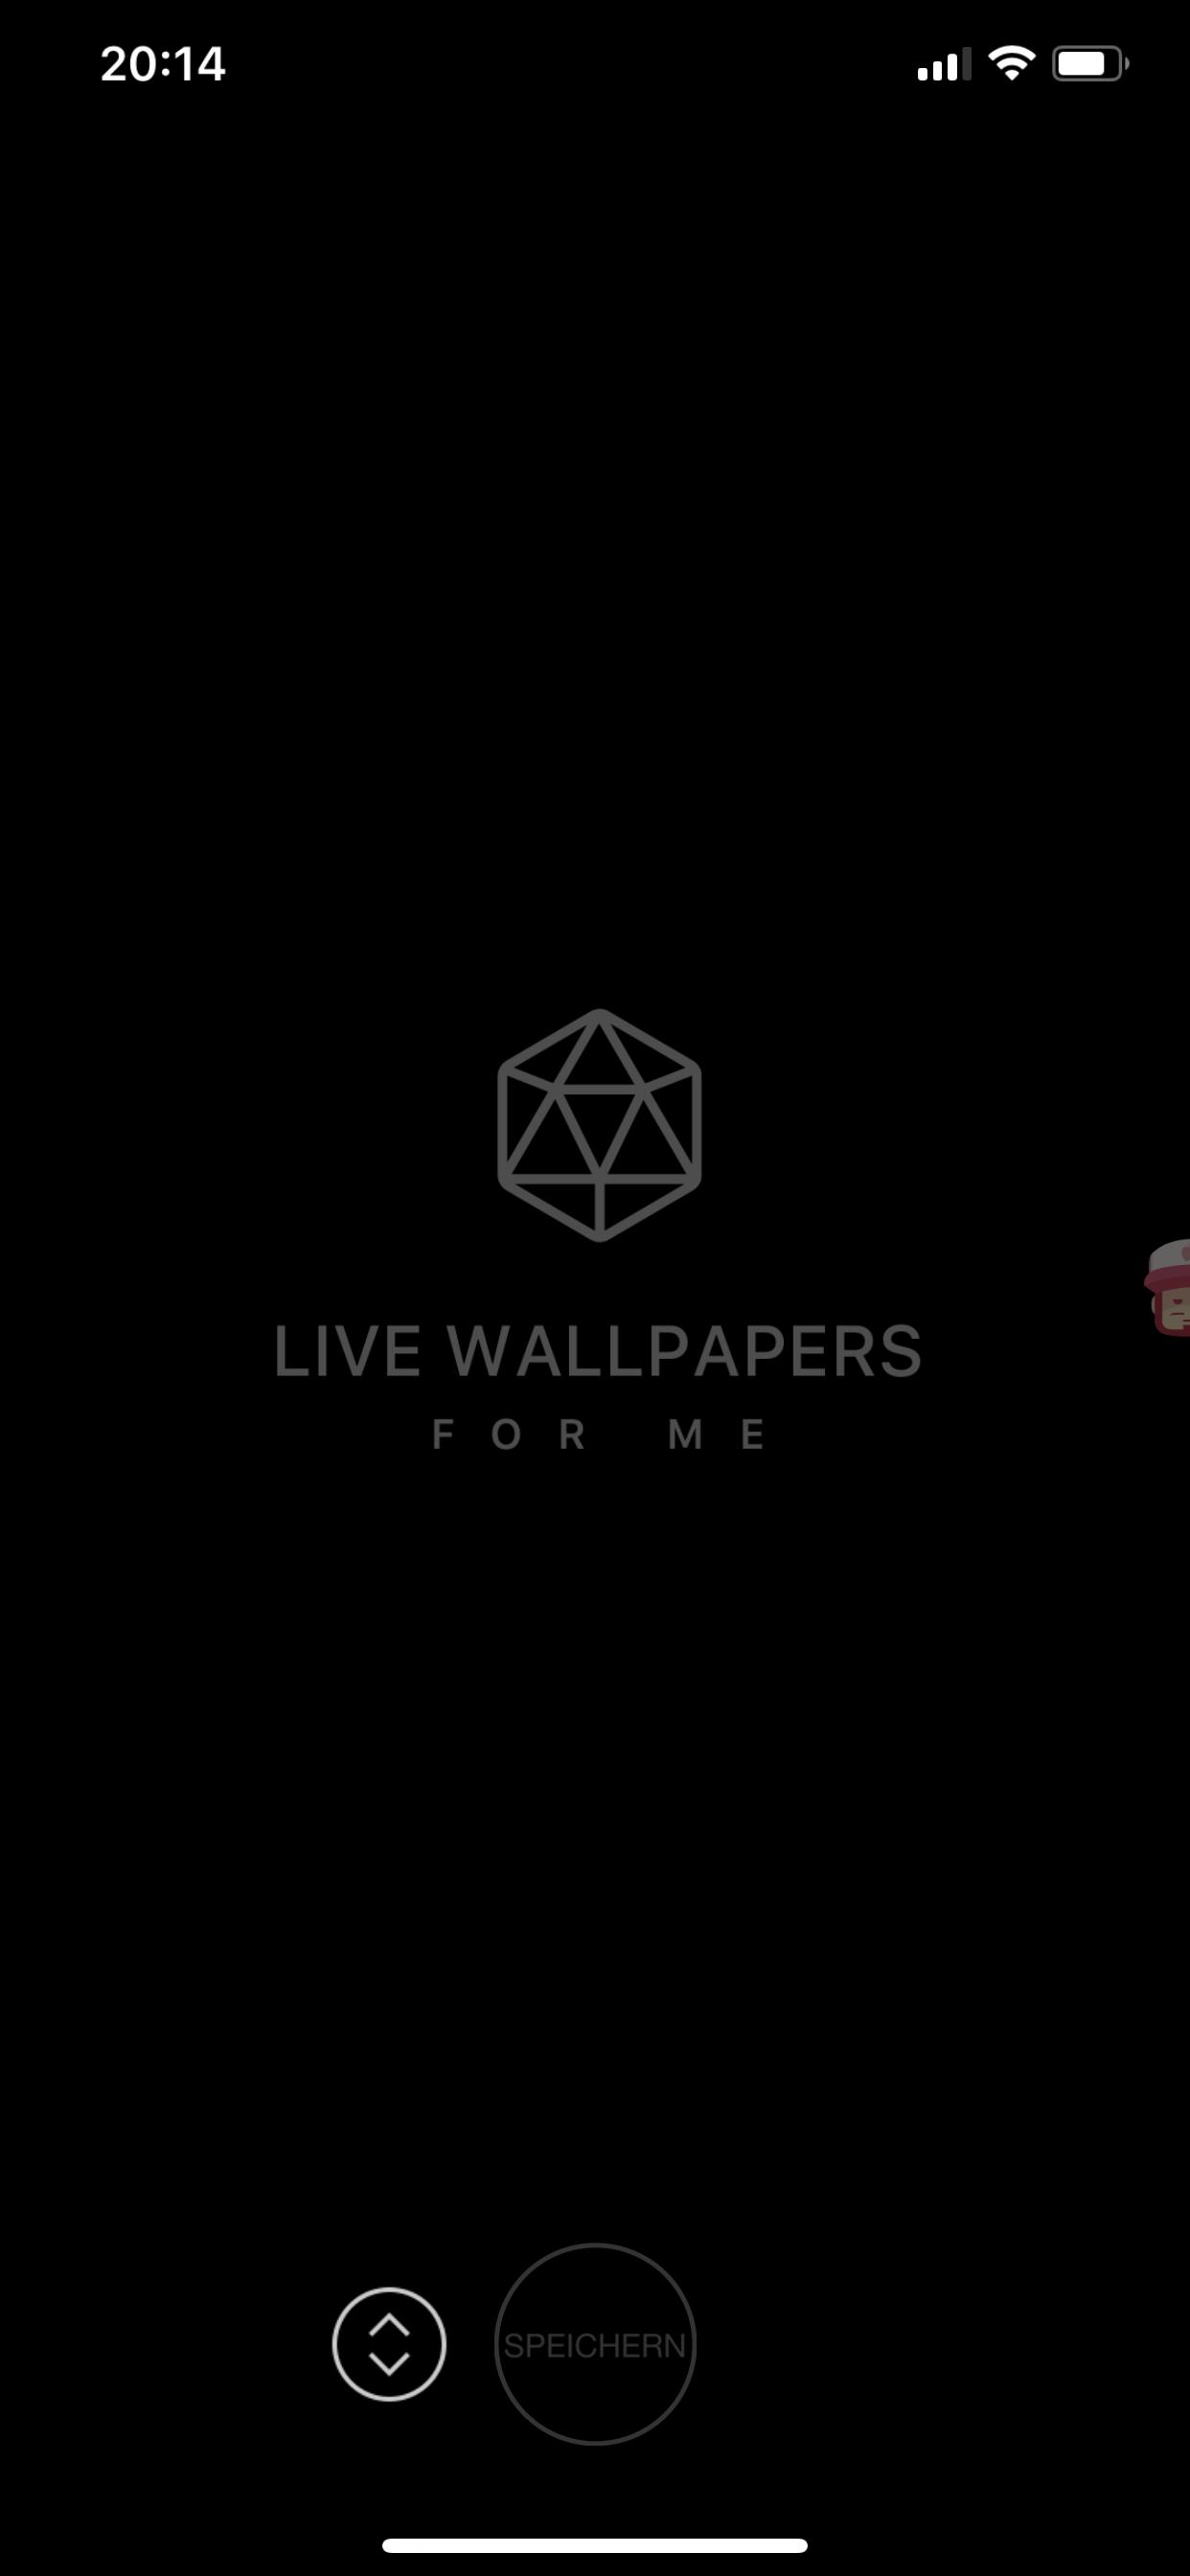 Non-Jailbroken Hack] [ARM64] Live Wallpapers for Me v2 12